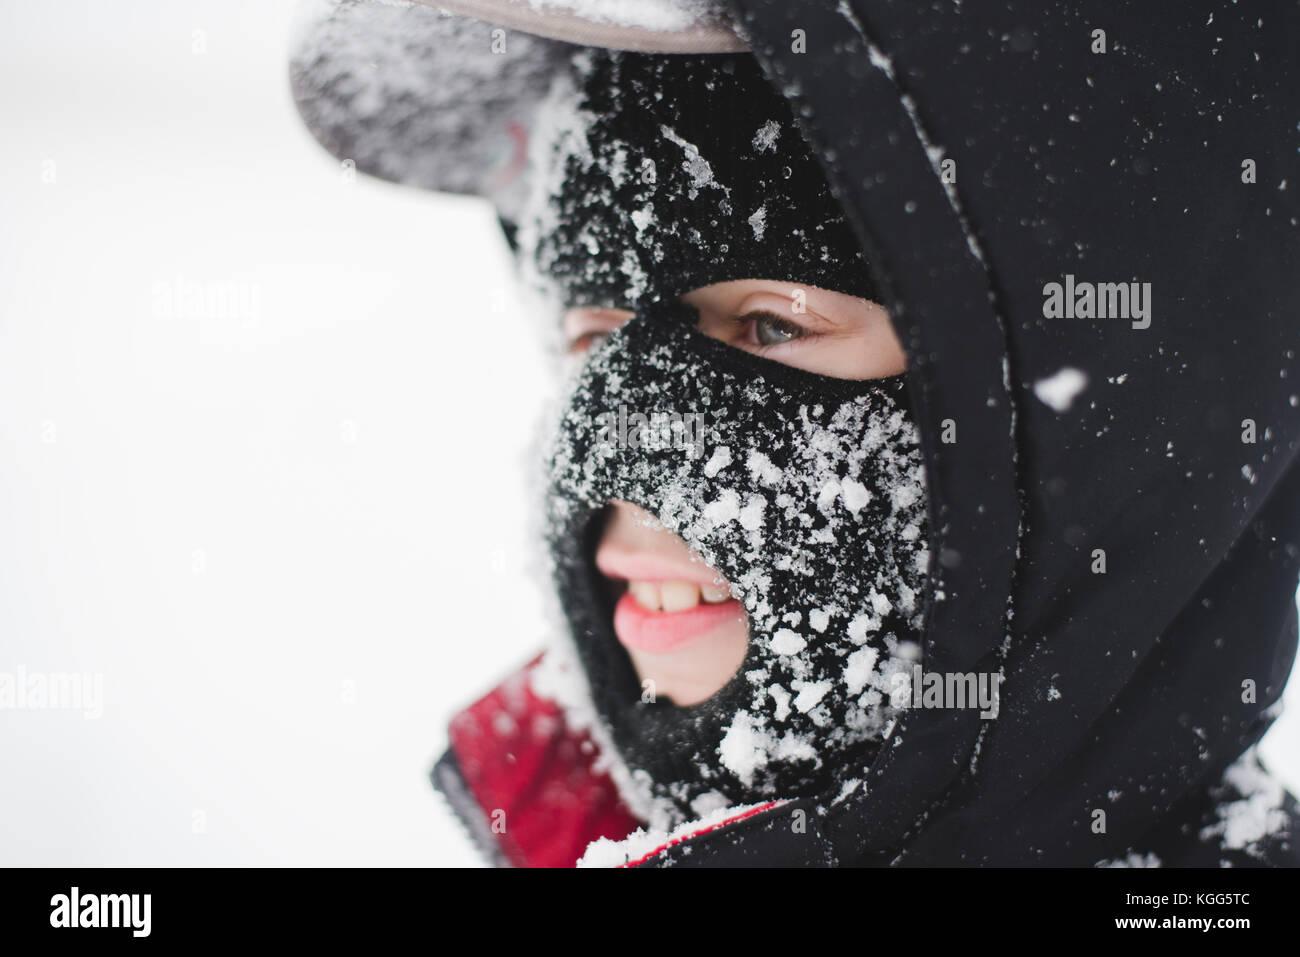 Niño llevar una máscara de esquí cubierto de nieve Imagen De Stock